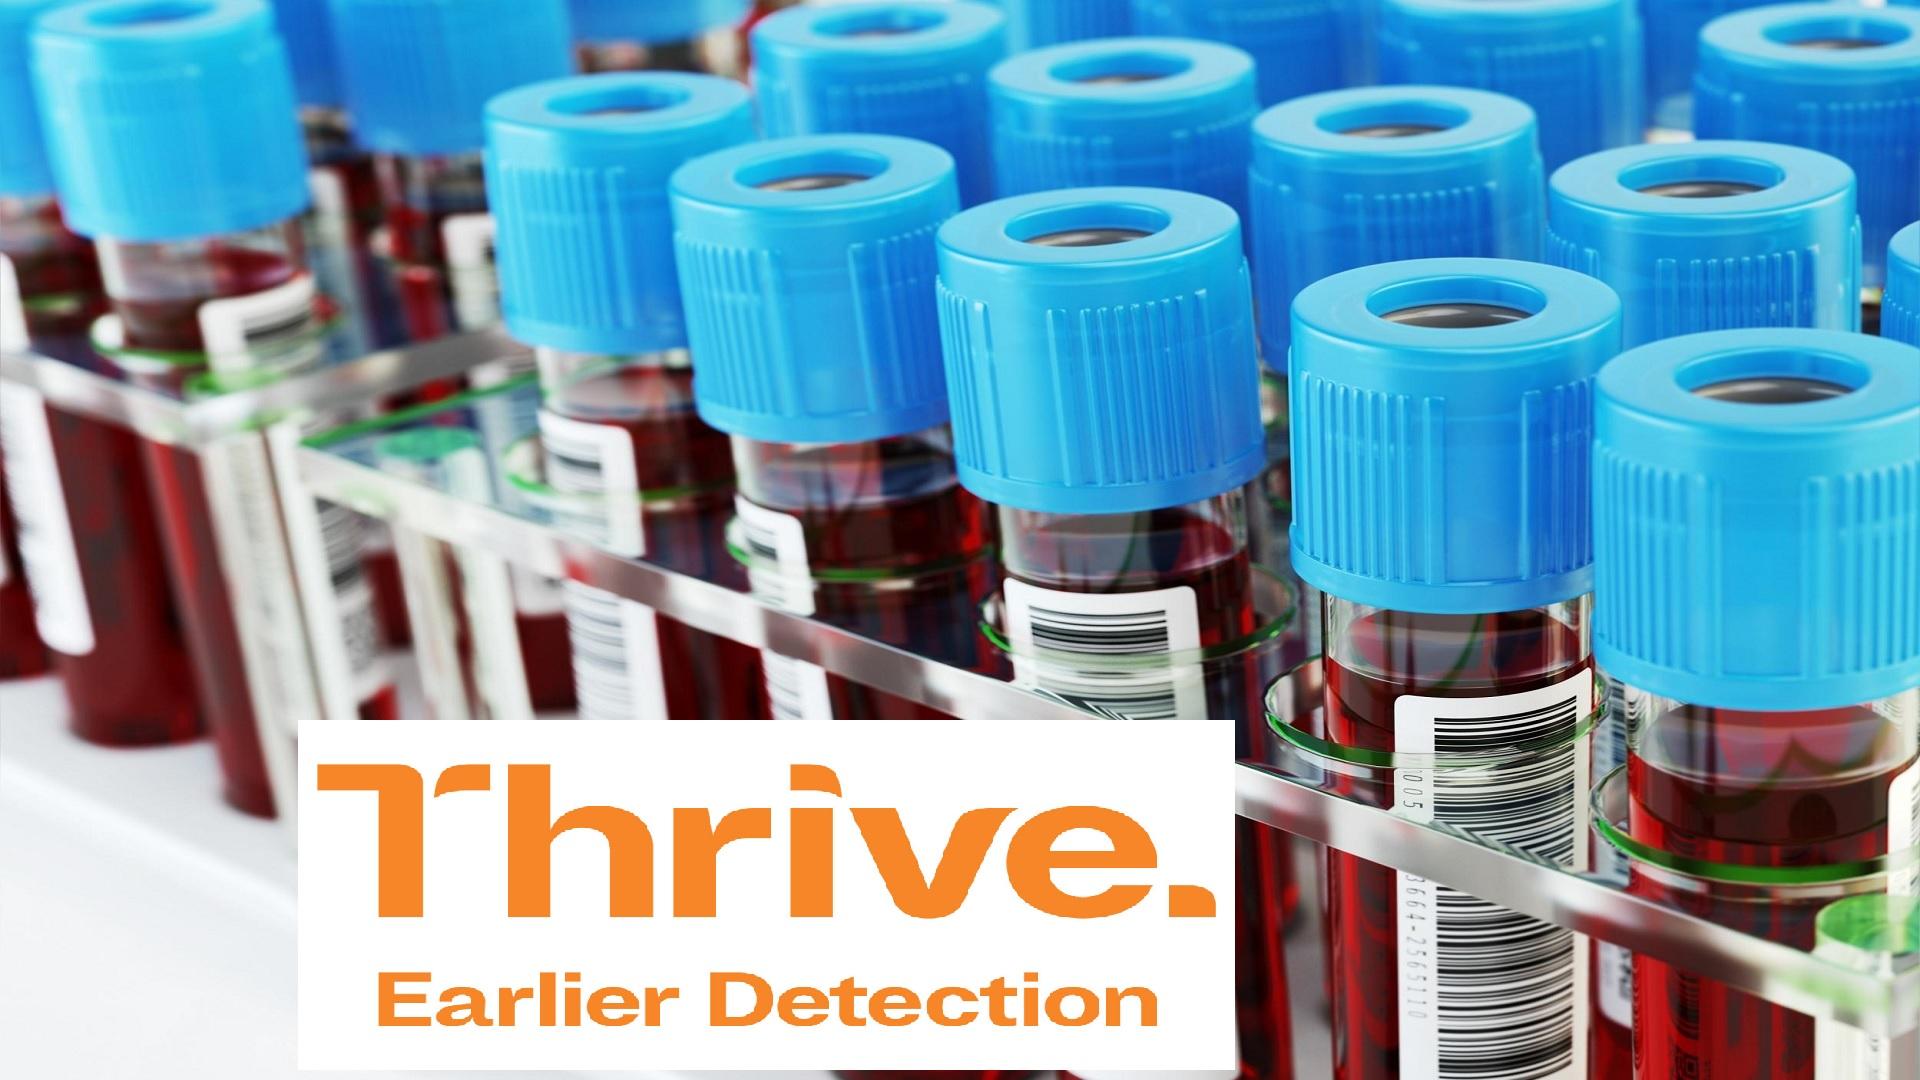 Η Thrive κοντά σε ανακάλυψη τεστ αίματος που ανιχνεύει τον καρκίνο